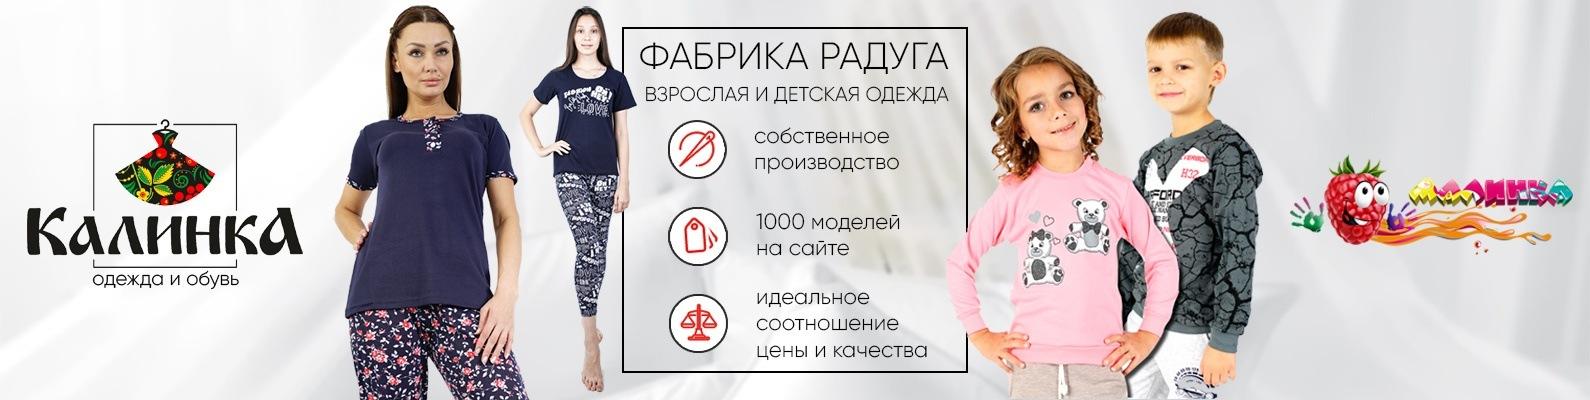 c81e1df32 Фабрика Радуга - взрослая и детская одежда. ОПТ! | ВКонтакте